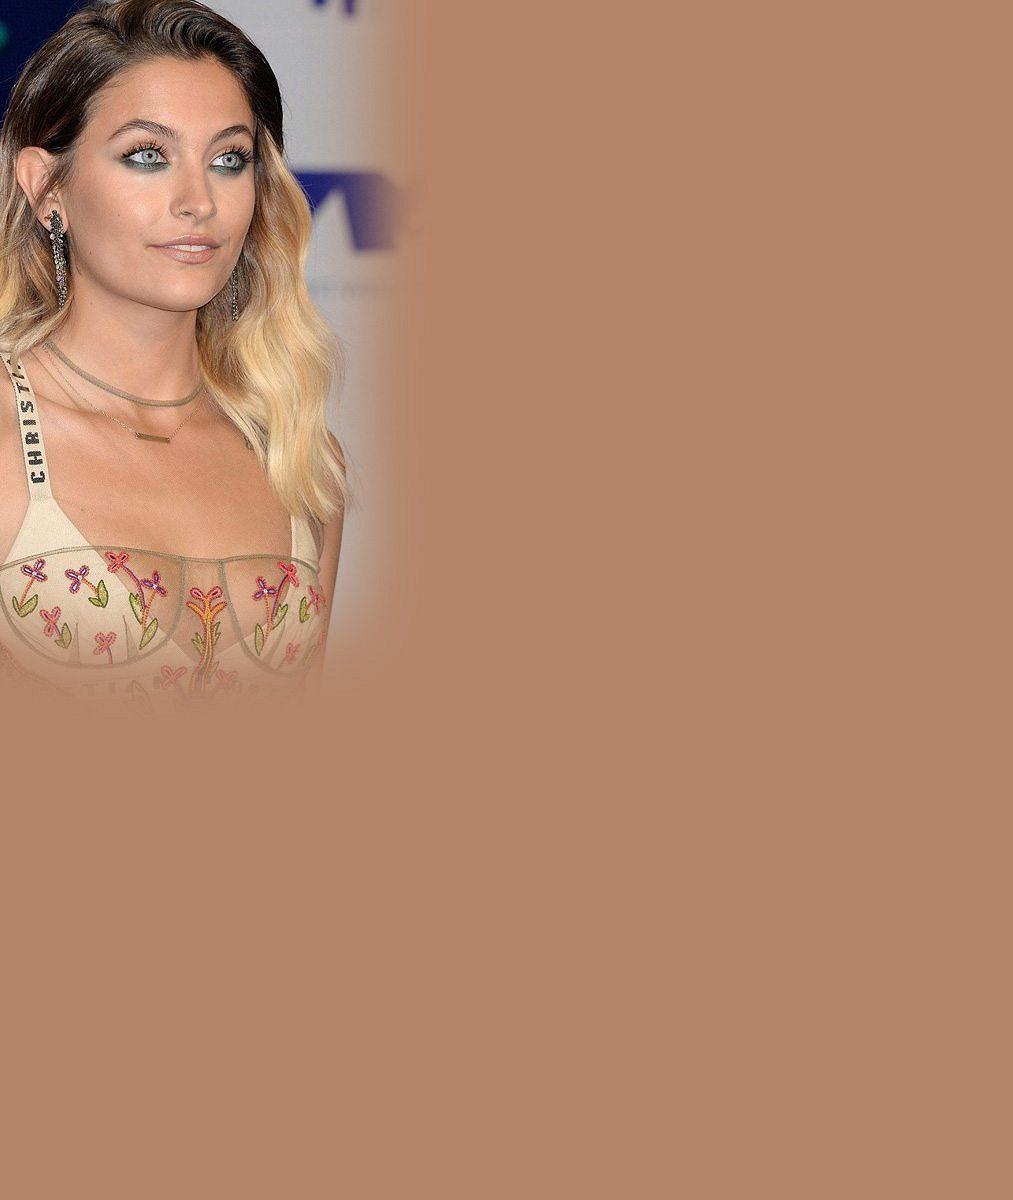 Chlupatá dcera krále popu Michaela Jacksona (✝50) brojila na galavečeru MTV proti násilí